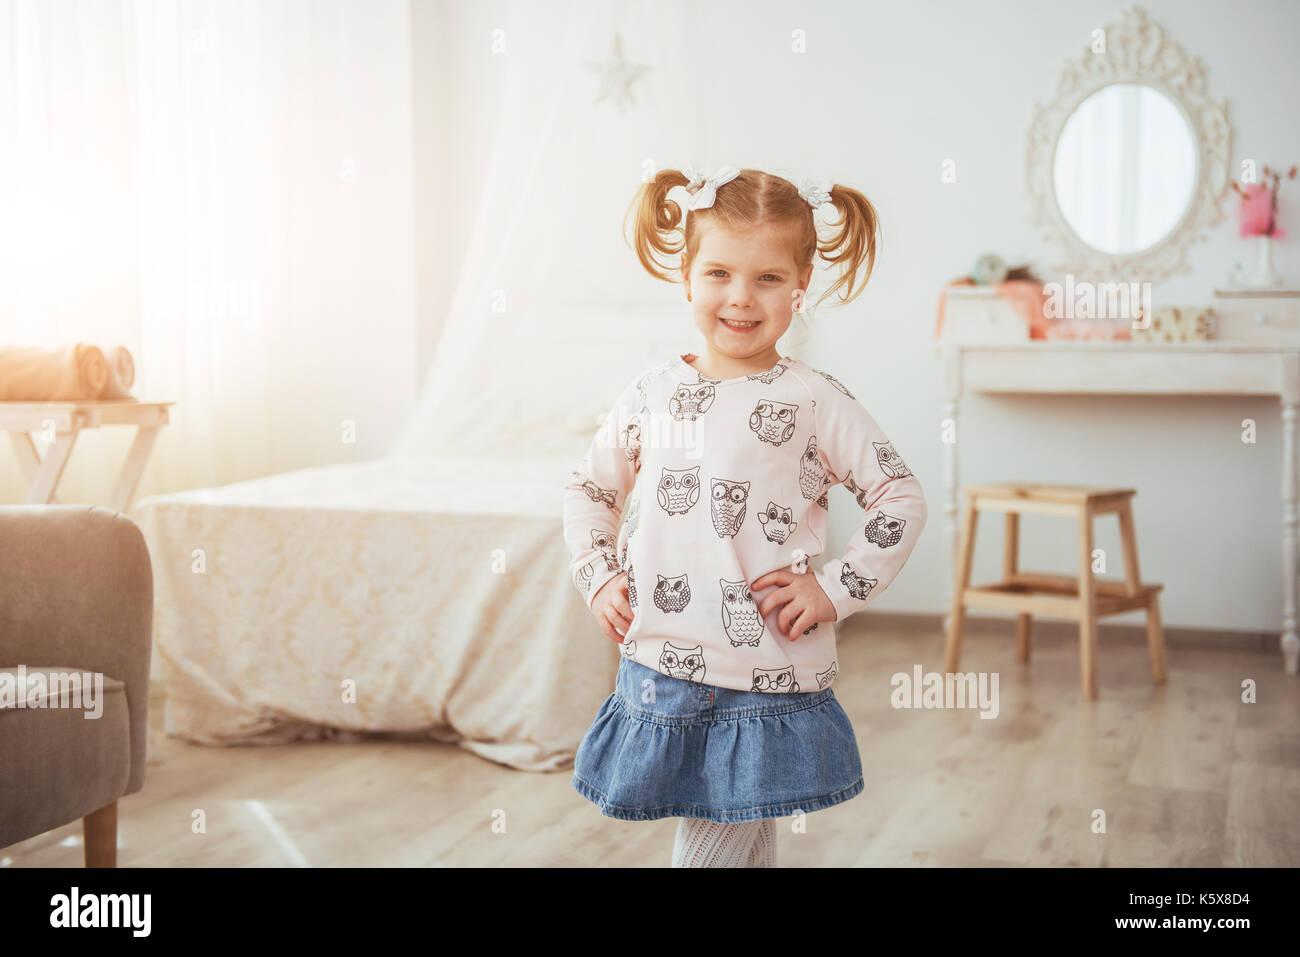 Heureux visage drôle de fille de bébé dans une salle lumineuse. Photo Stock